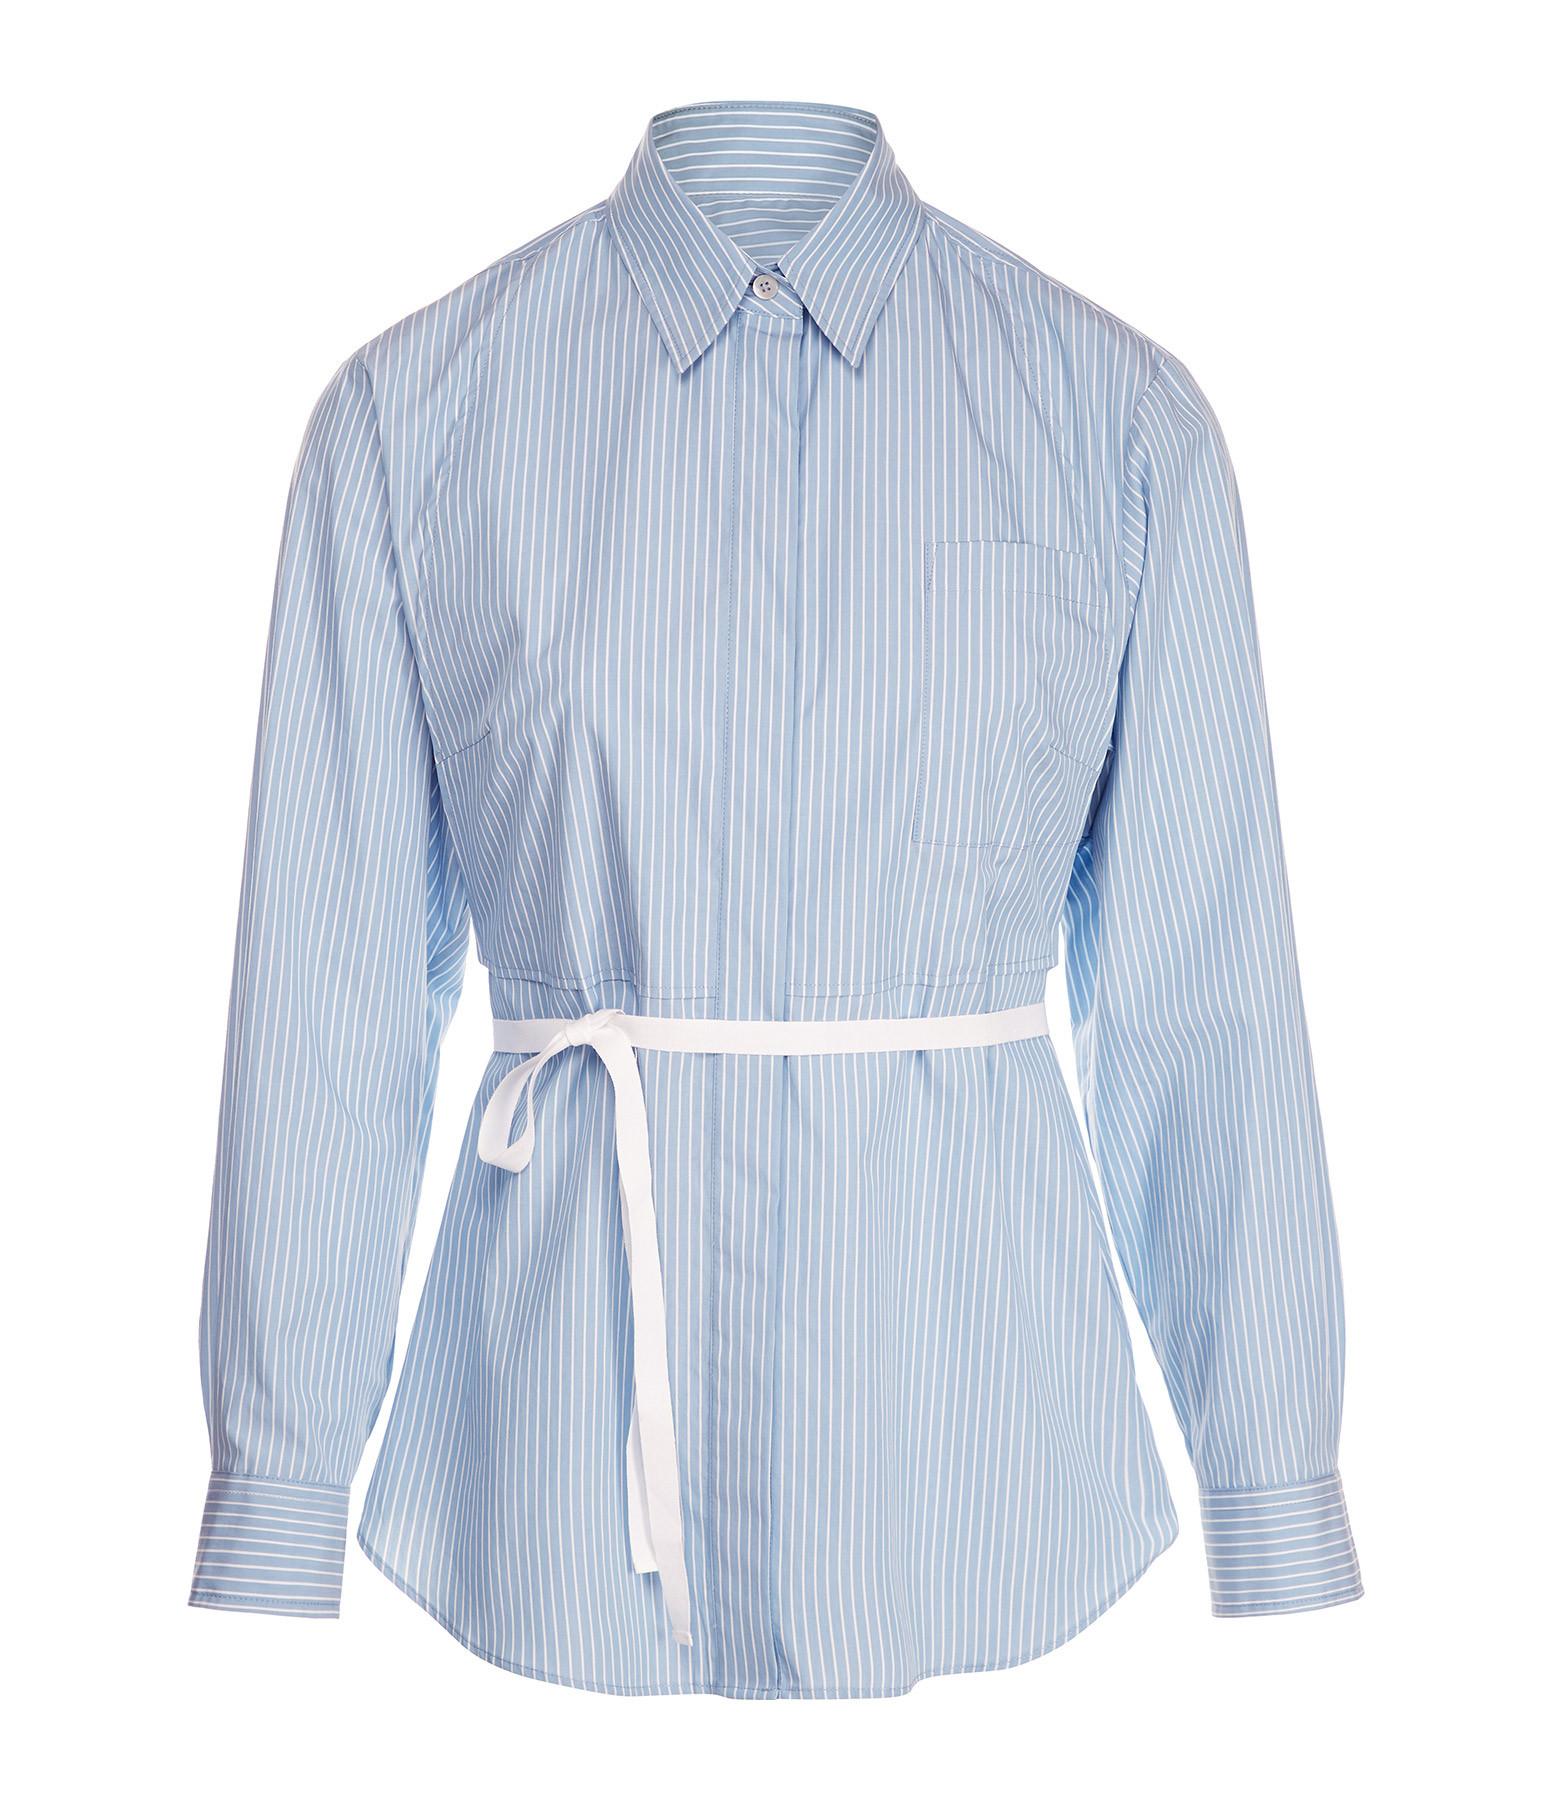 MM6 MAISON MARGIELA - Chemise Popeline Rayures Blanc Bleu